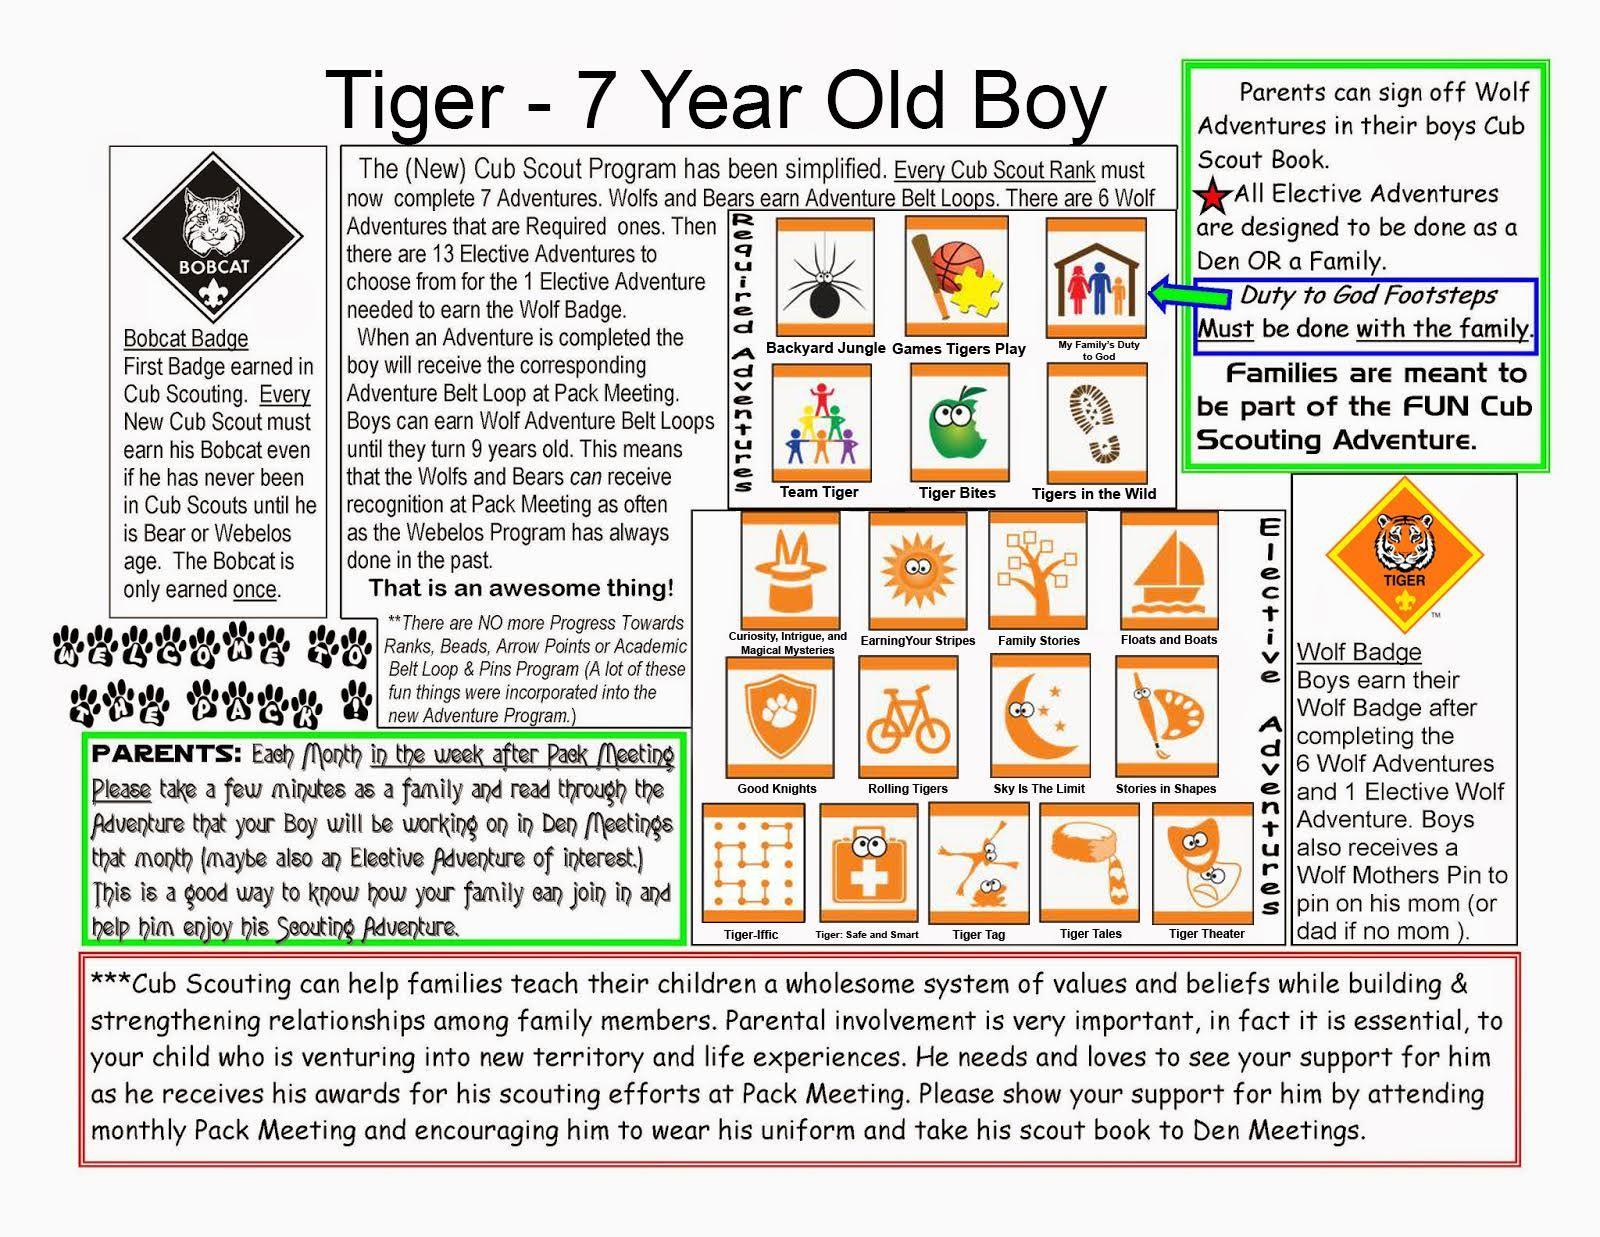 New Tiger Basics